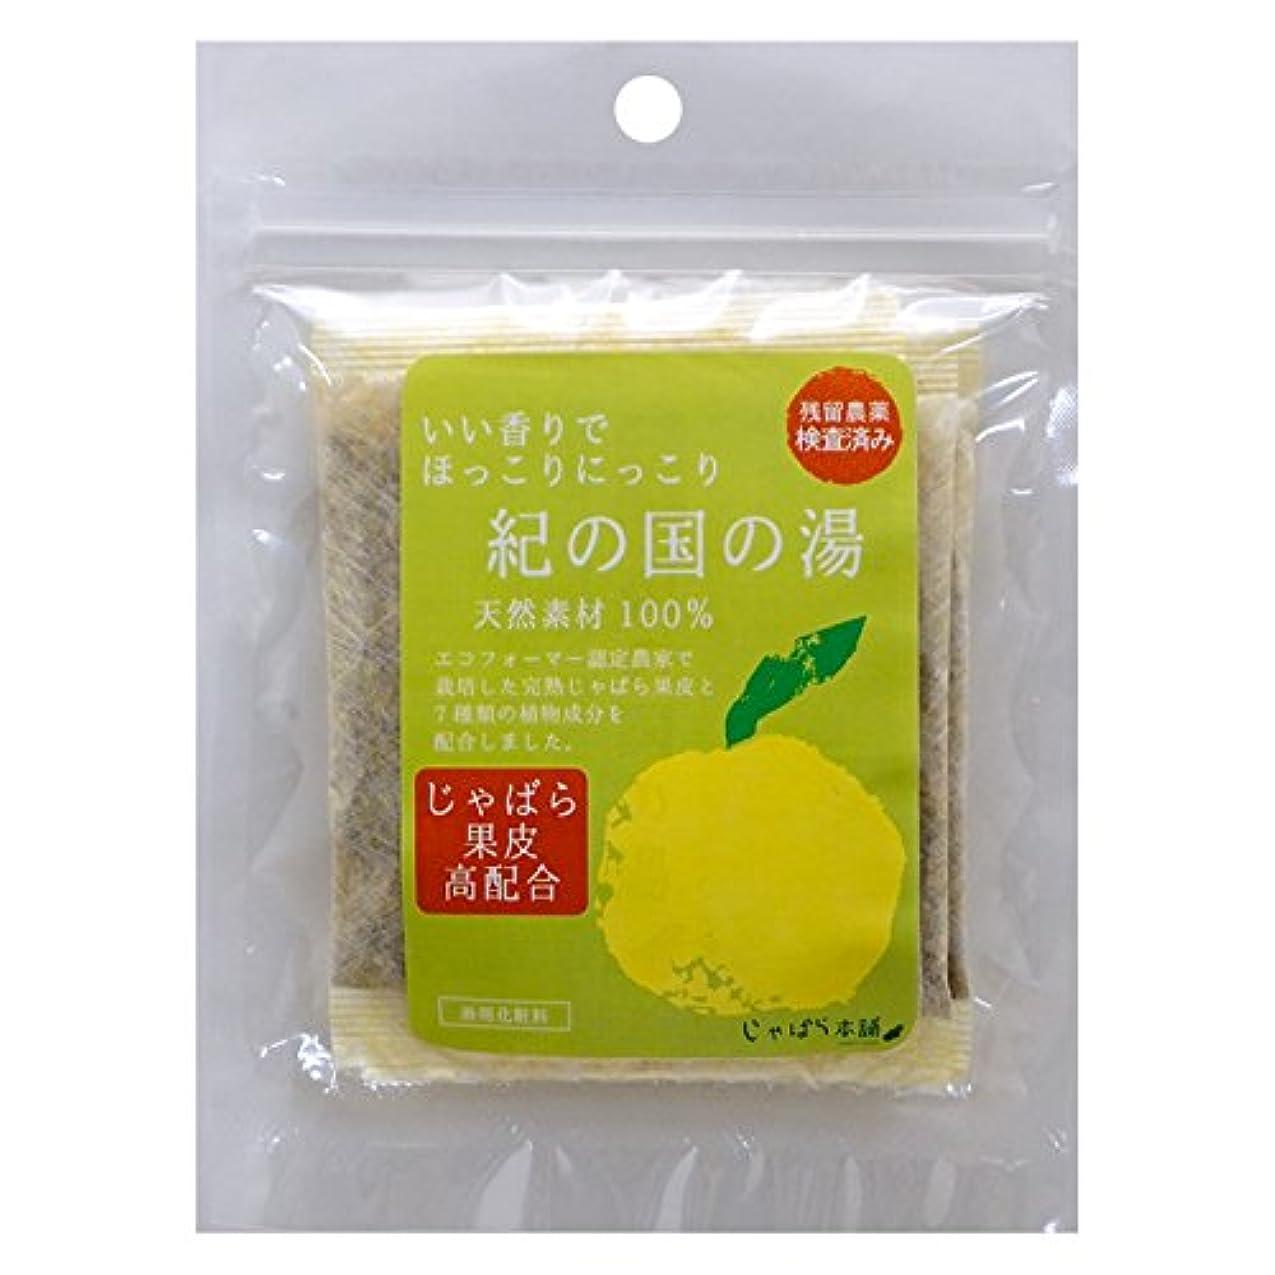 変更負荷またはじゃばら果皮入りの入浴剤 「紀の国の湯」 1袋(15g×3包入り)